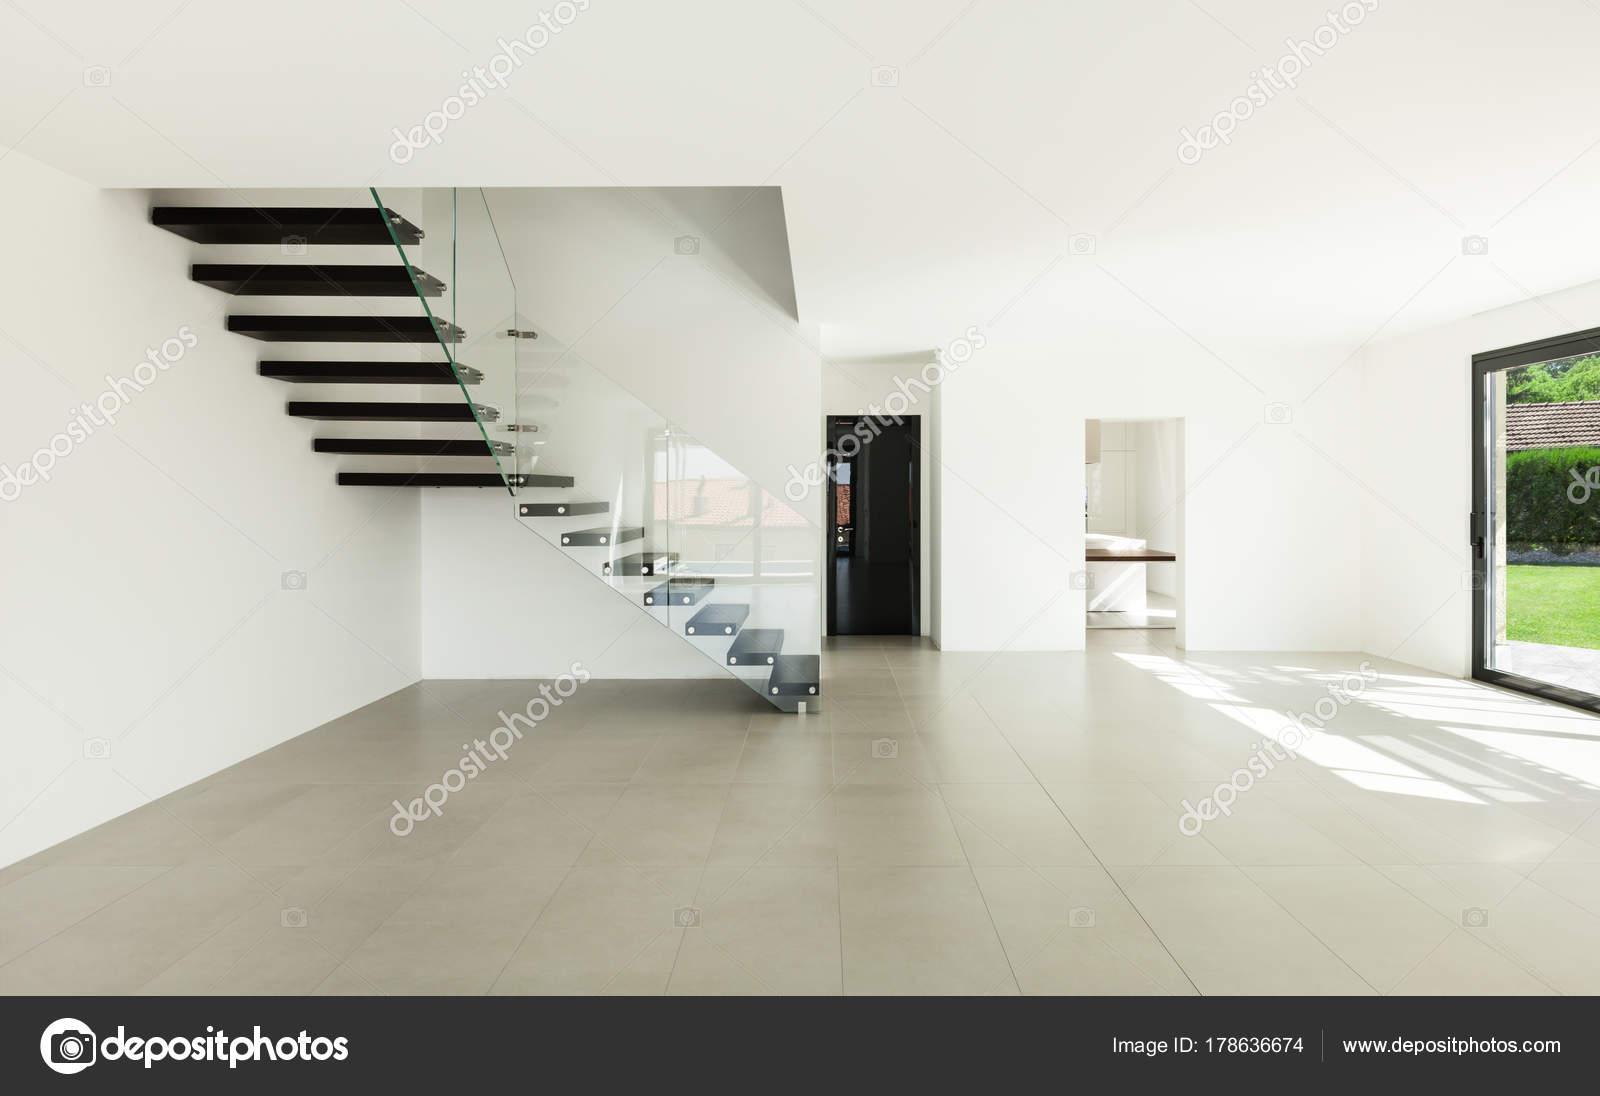 Interieur De La Maison Moderne Photographie Zveiger C 178636674